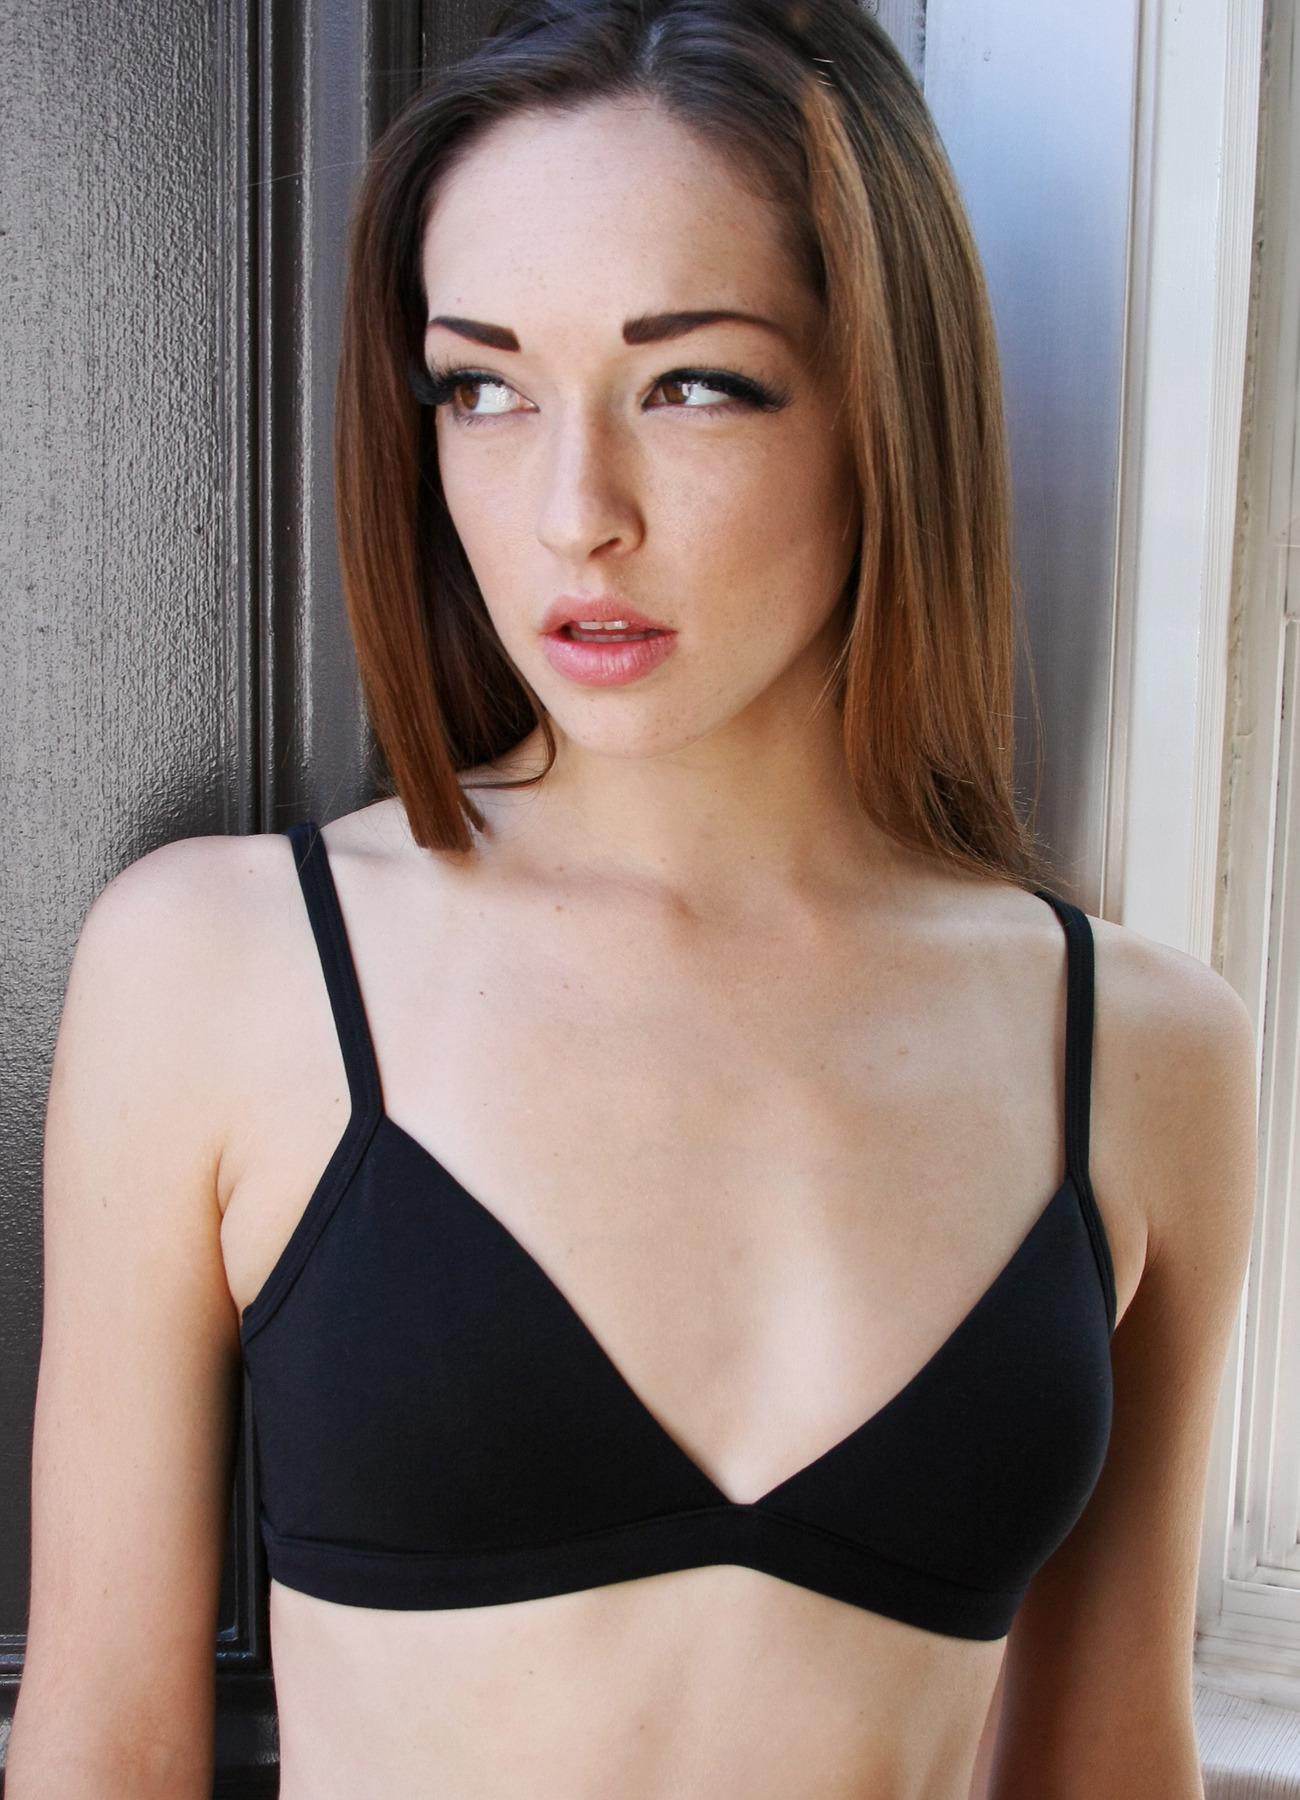 Devin brugman big boobs